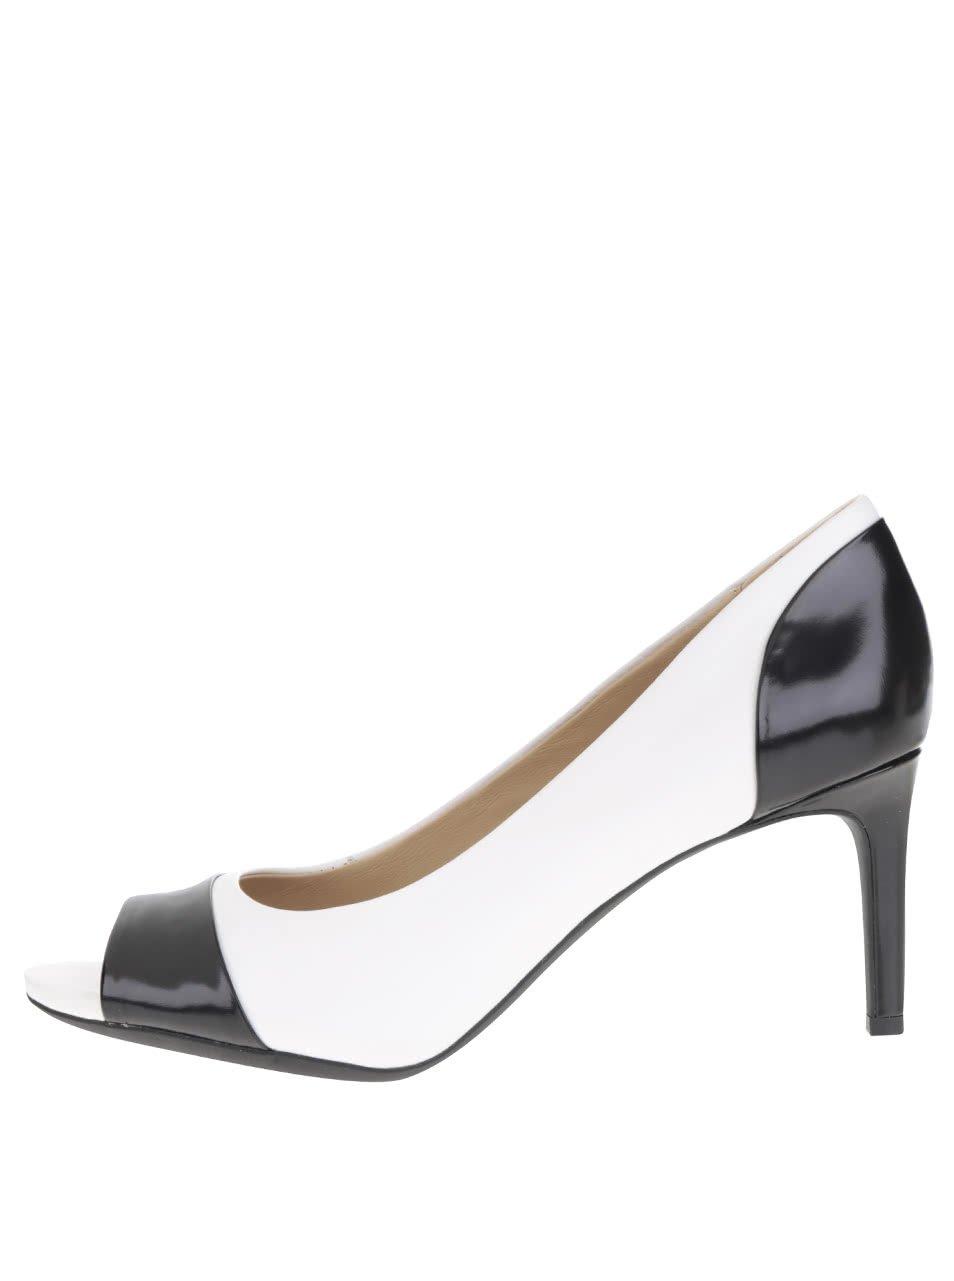 Černo-bílé dámské kožené boty na podpatku Geox Audie